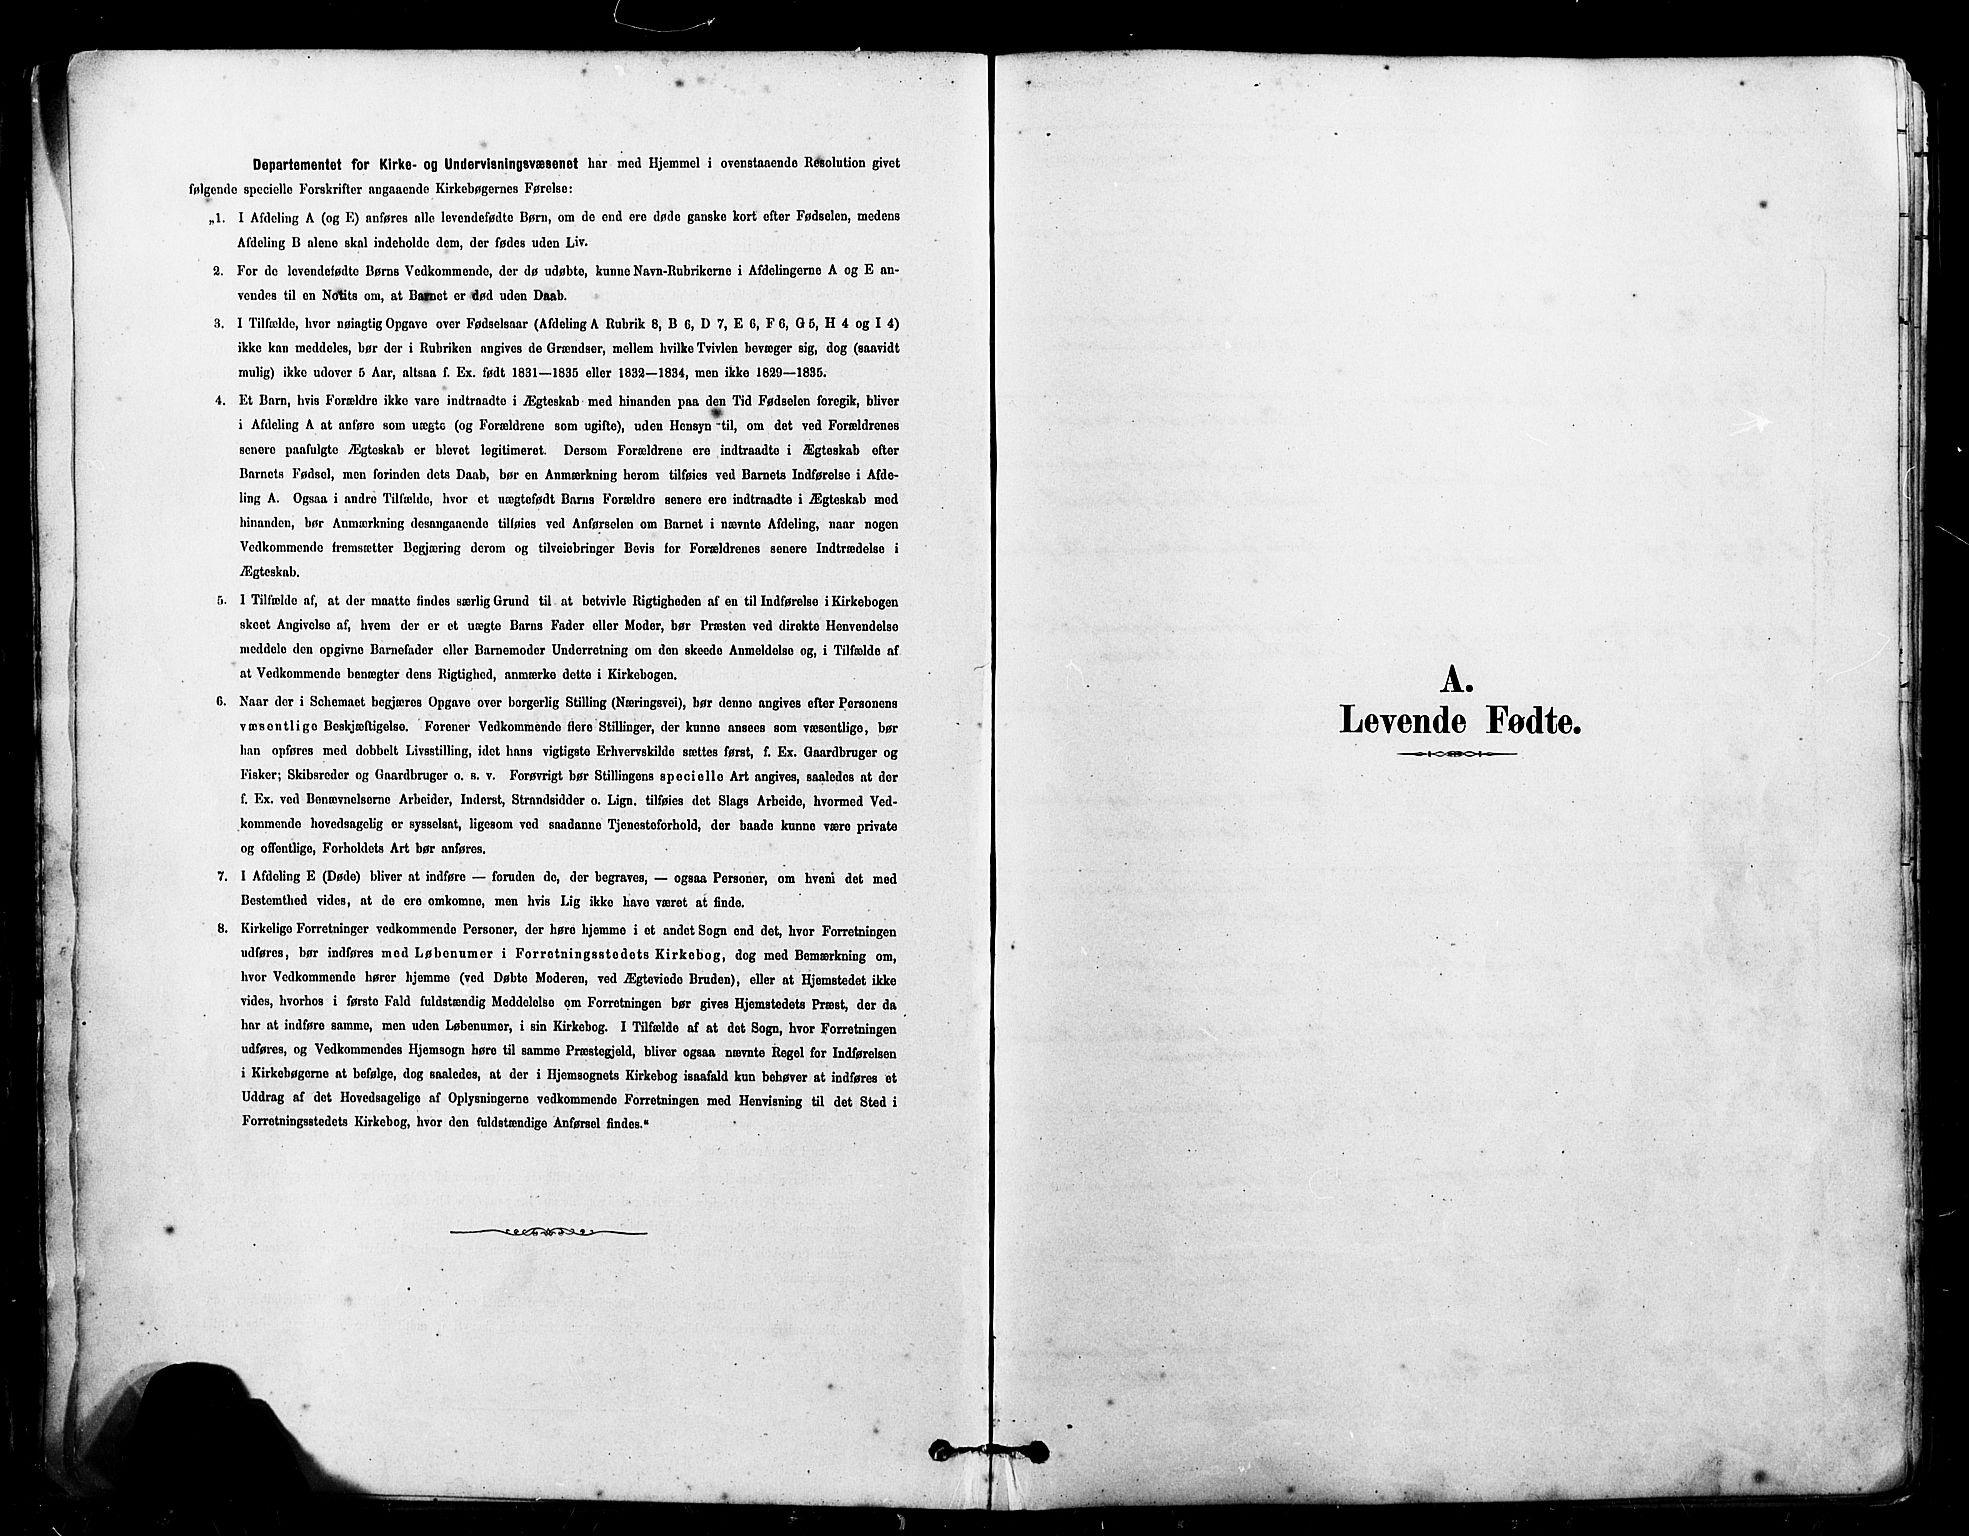 SAT, Ministerialprotokoller, klokkerbøker og fødselsregistre - Sør-Trøndelag, 640/L0578: Ministerialbok nr. 640A03, 1879-1889